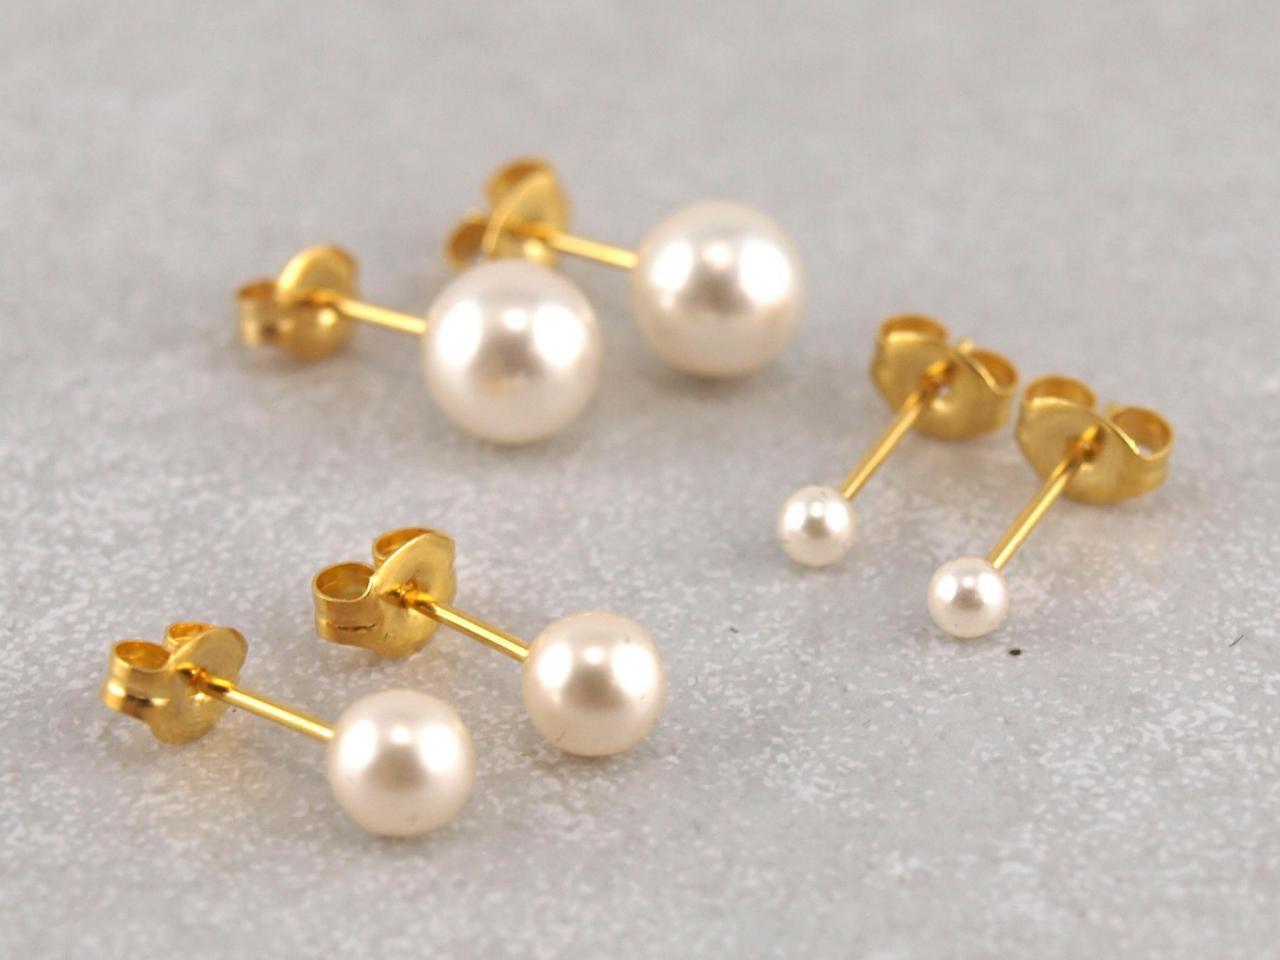 Hypoallergener Ohrstecker Studex Perle vergoldetverschiedene Größen__